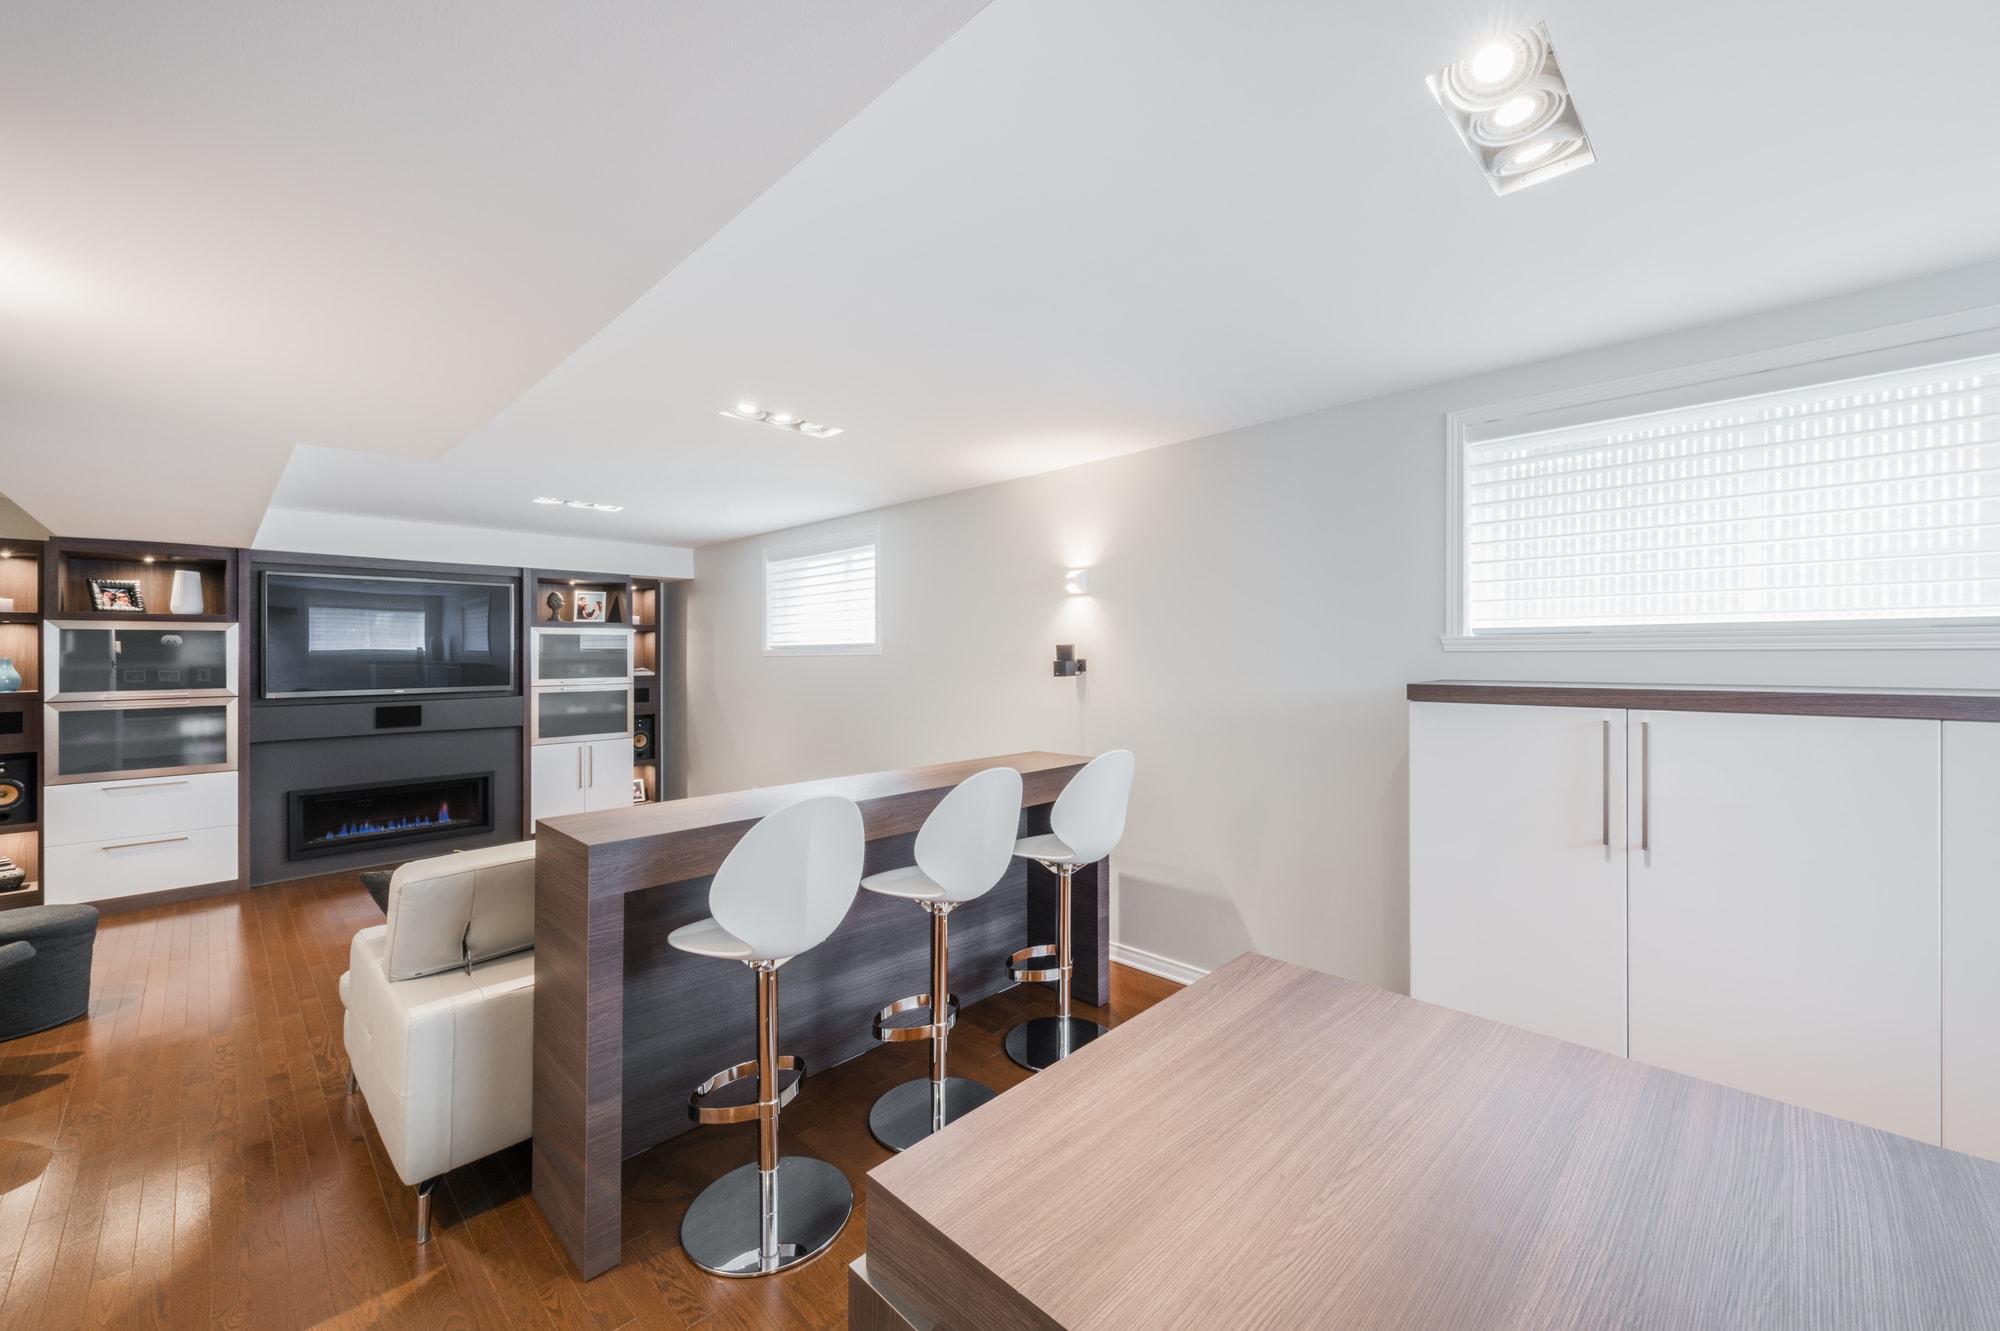 aménagement de sous-sol avec comptoir lunch et meubles sur mesure - Style contemporain